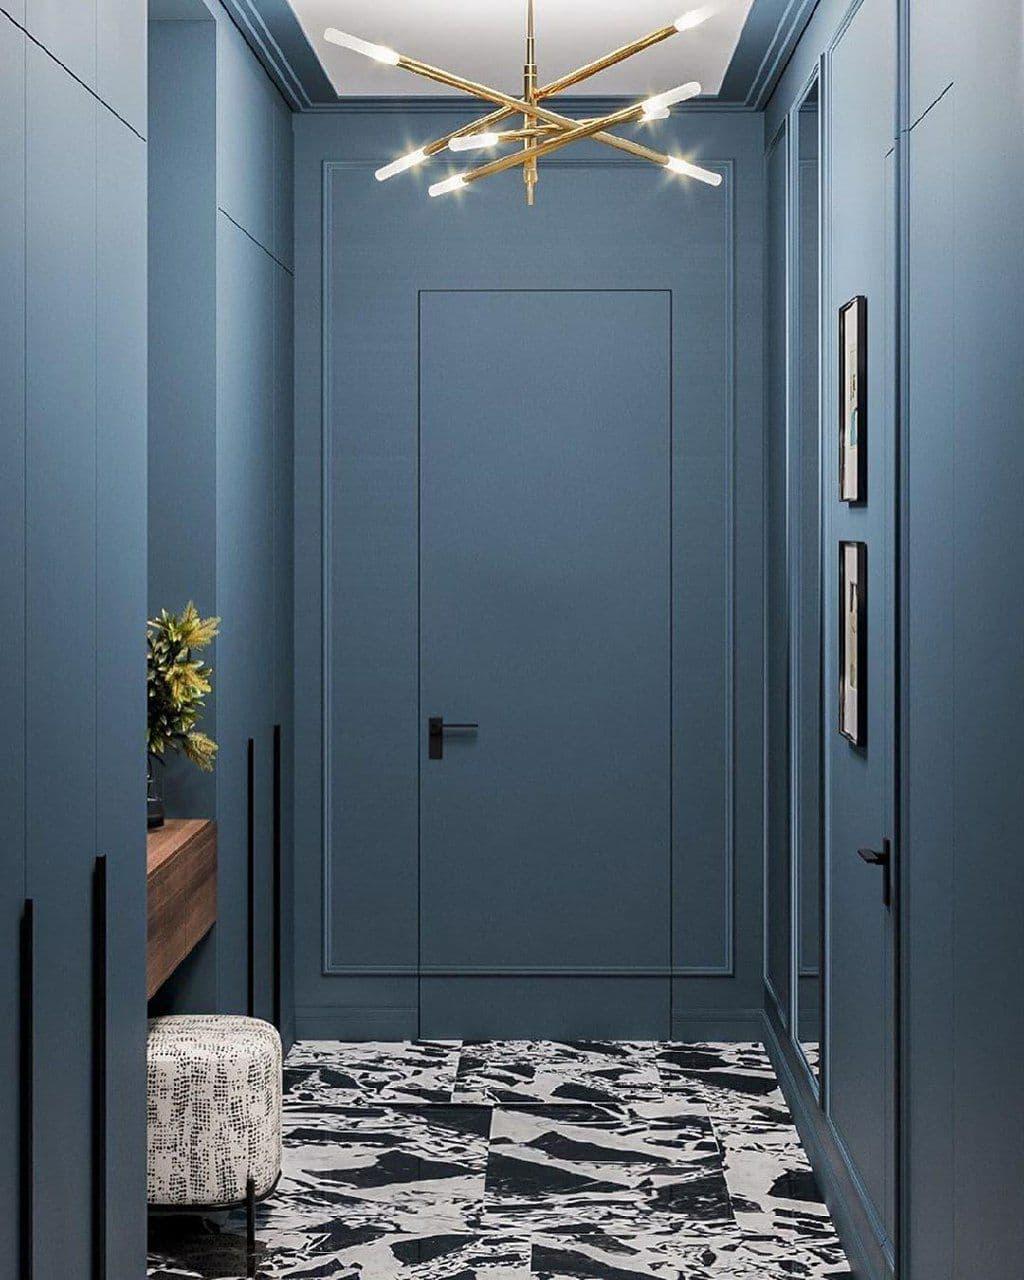 Скрытая дверь в интерьере под покраску. Тонкая подвесная люстра. Необычное напольное покрытие с хаотичным рисунком.